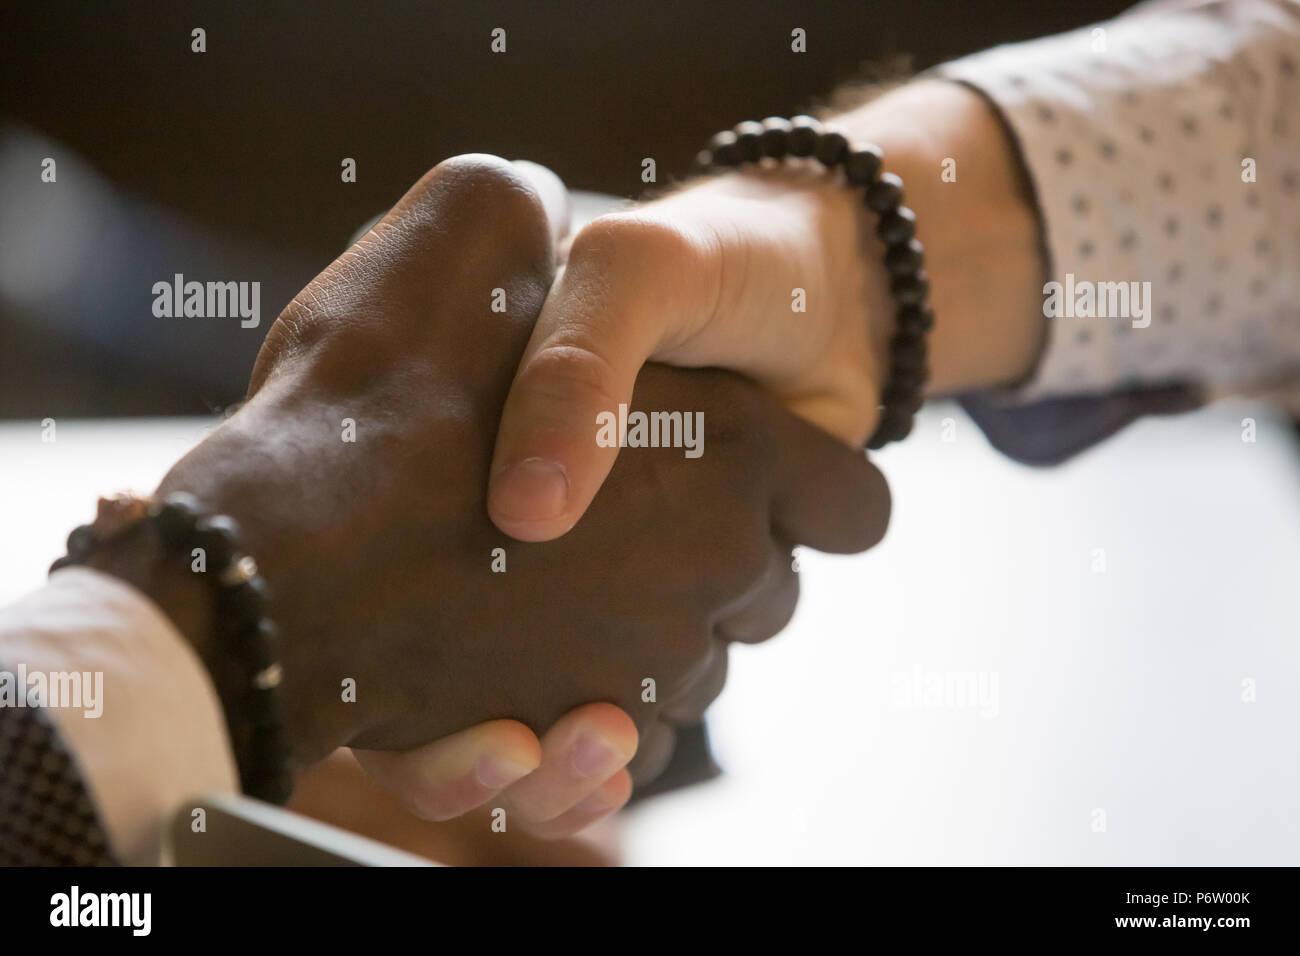 Población multirracial handshaking saludo con el logro o succ Imagen De Stock